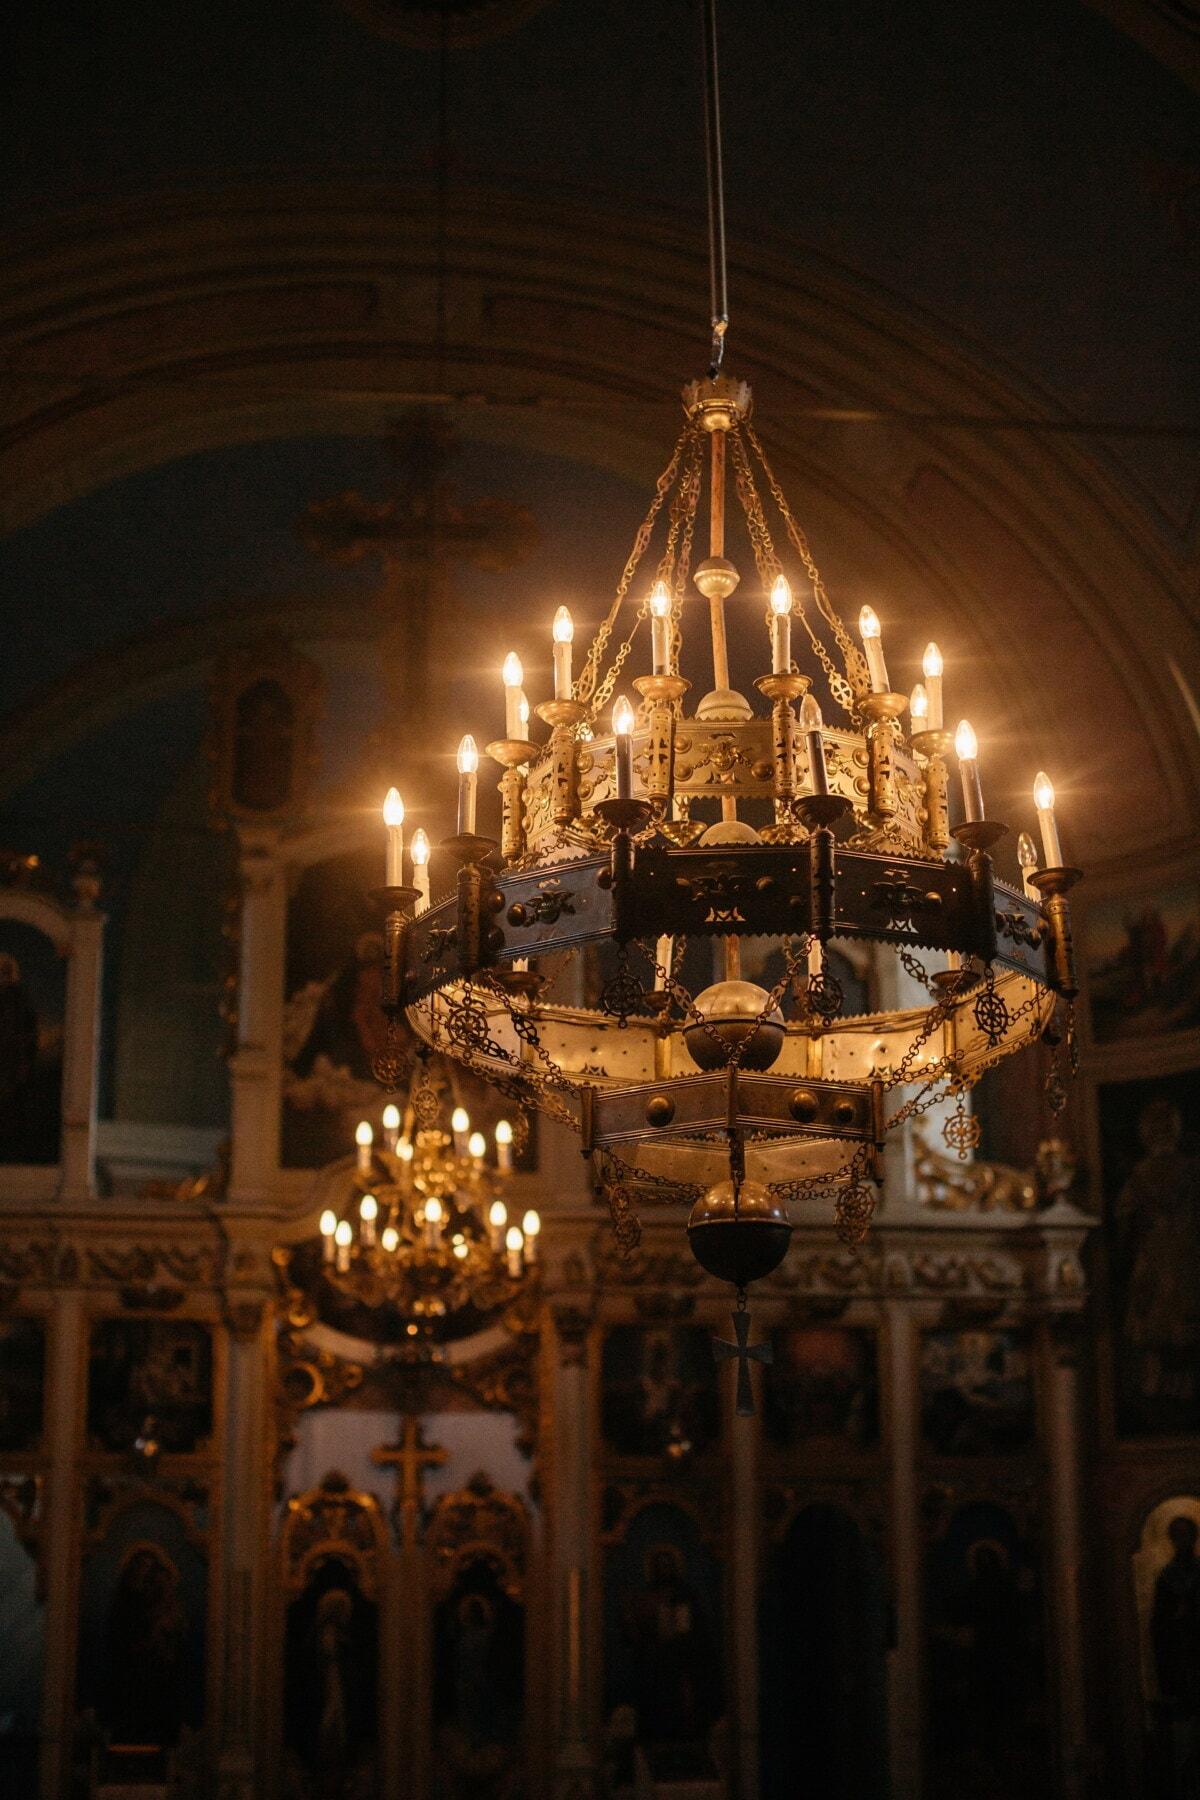 всередині, Люстра, церква, Ліхтарі, лампочки, Вівтар, собор, структура, релігія, архітектура